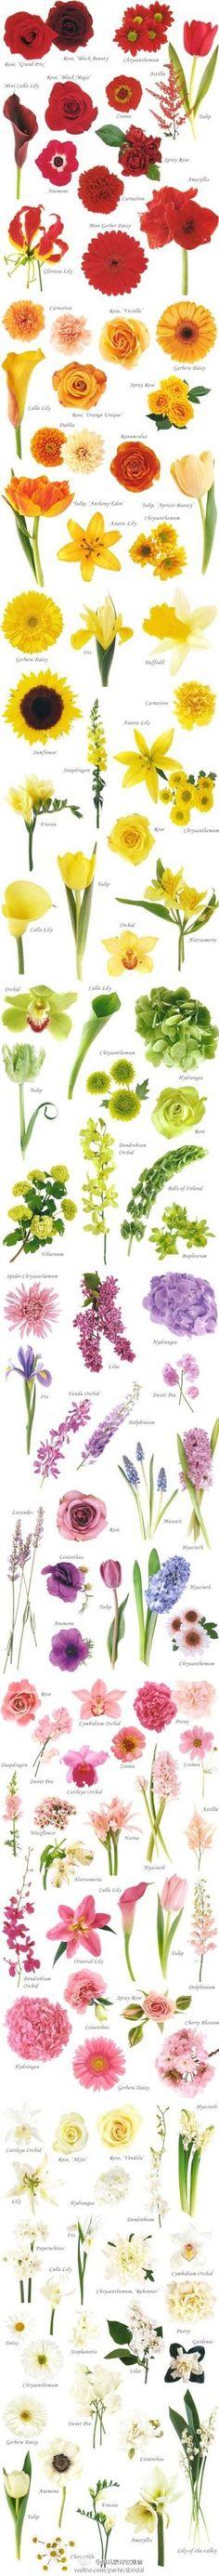 A americana Joanna Godard postou essa imagem e fiquei encantada. Uma espécie de catálogo dos tipos de flores mais populares organizado por cores. Lindo! Difícil é escolher a preferida!